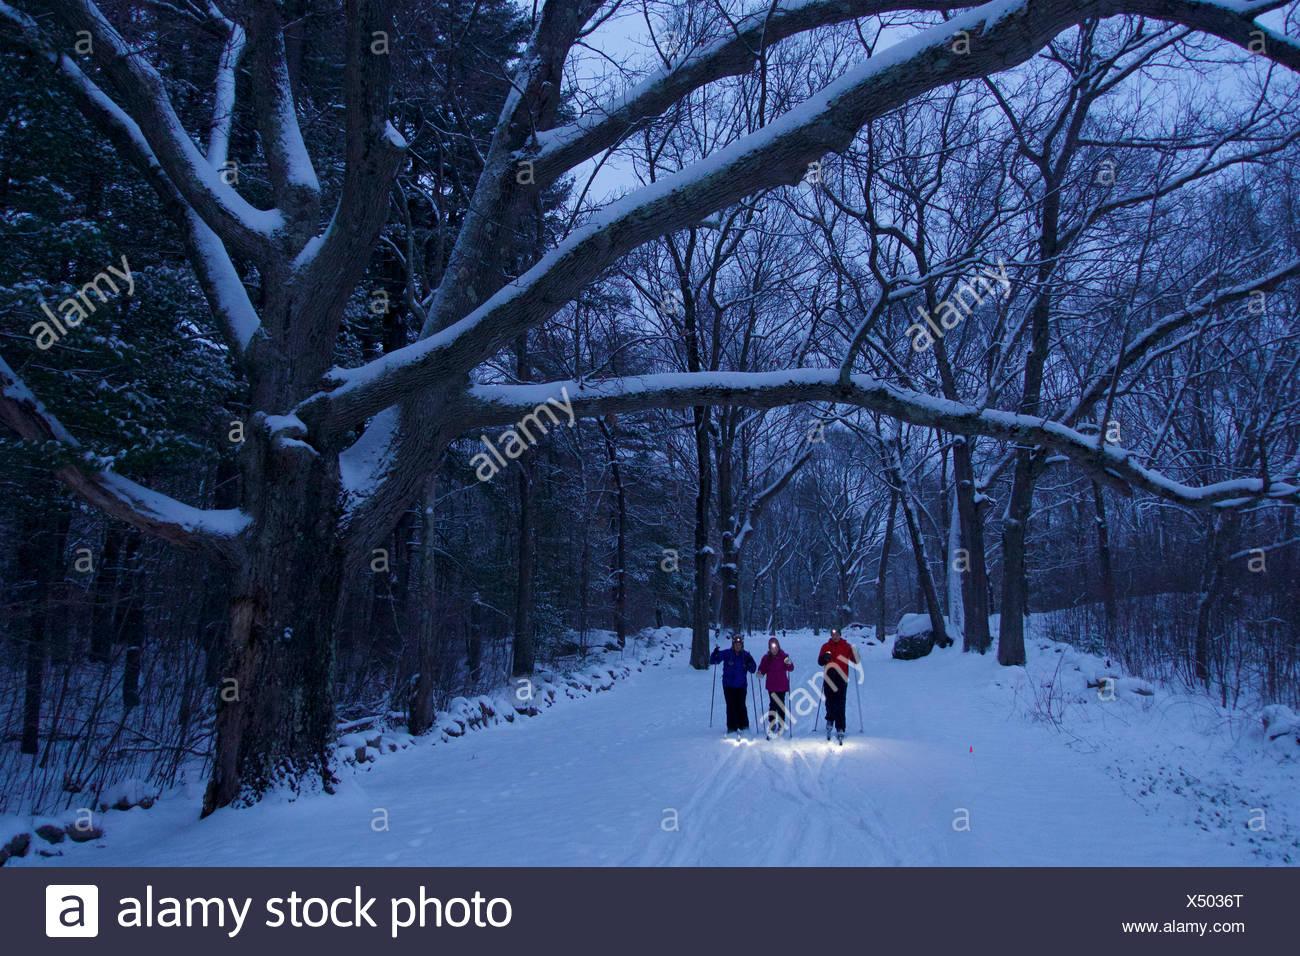 Une femme et sa jeune fille et fils piste de ski sous les arbres couverts de neige fraîche dans le crépuscule avec les phares allumés,. Photo Stock